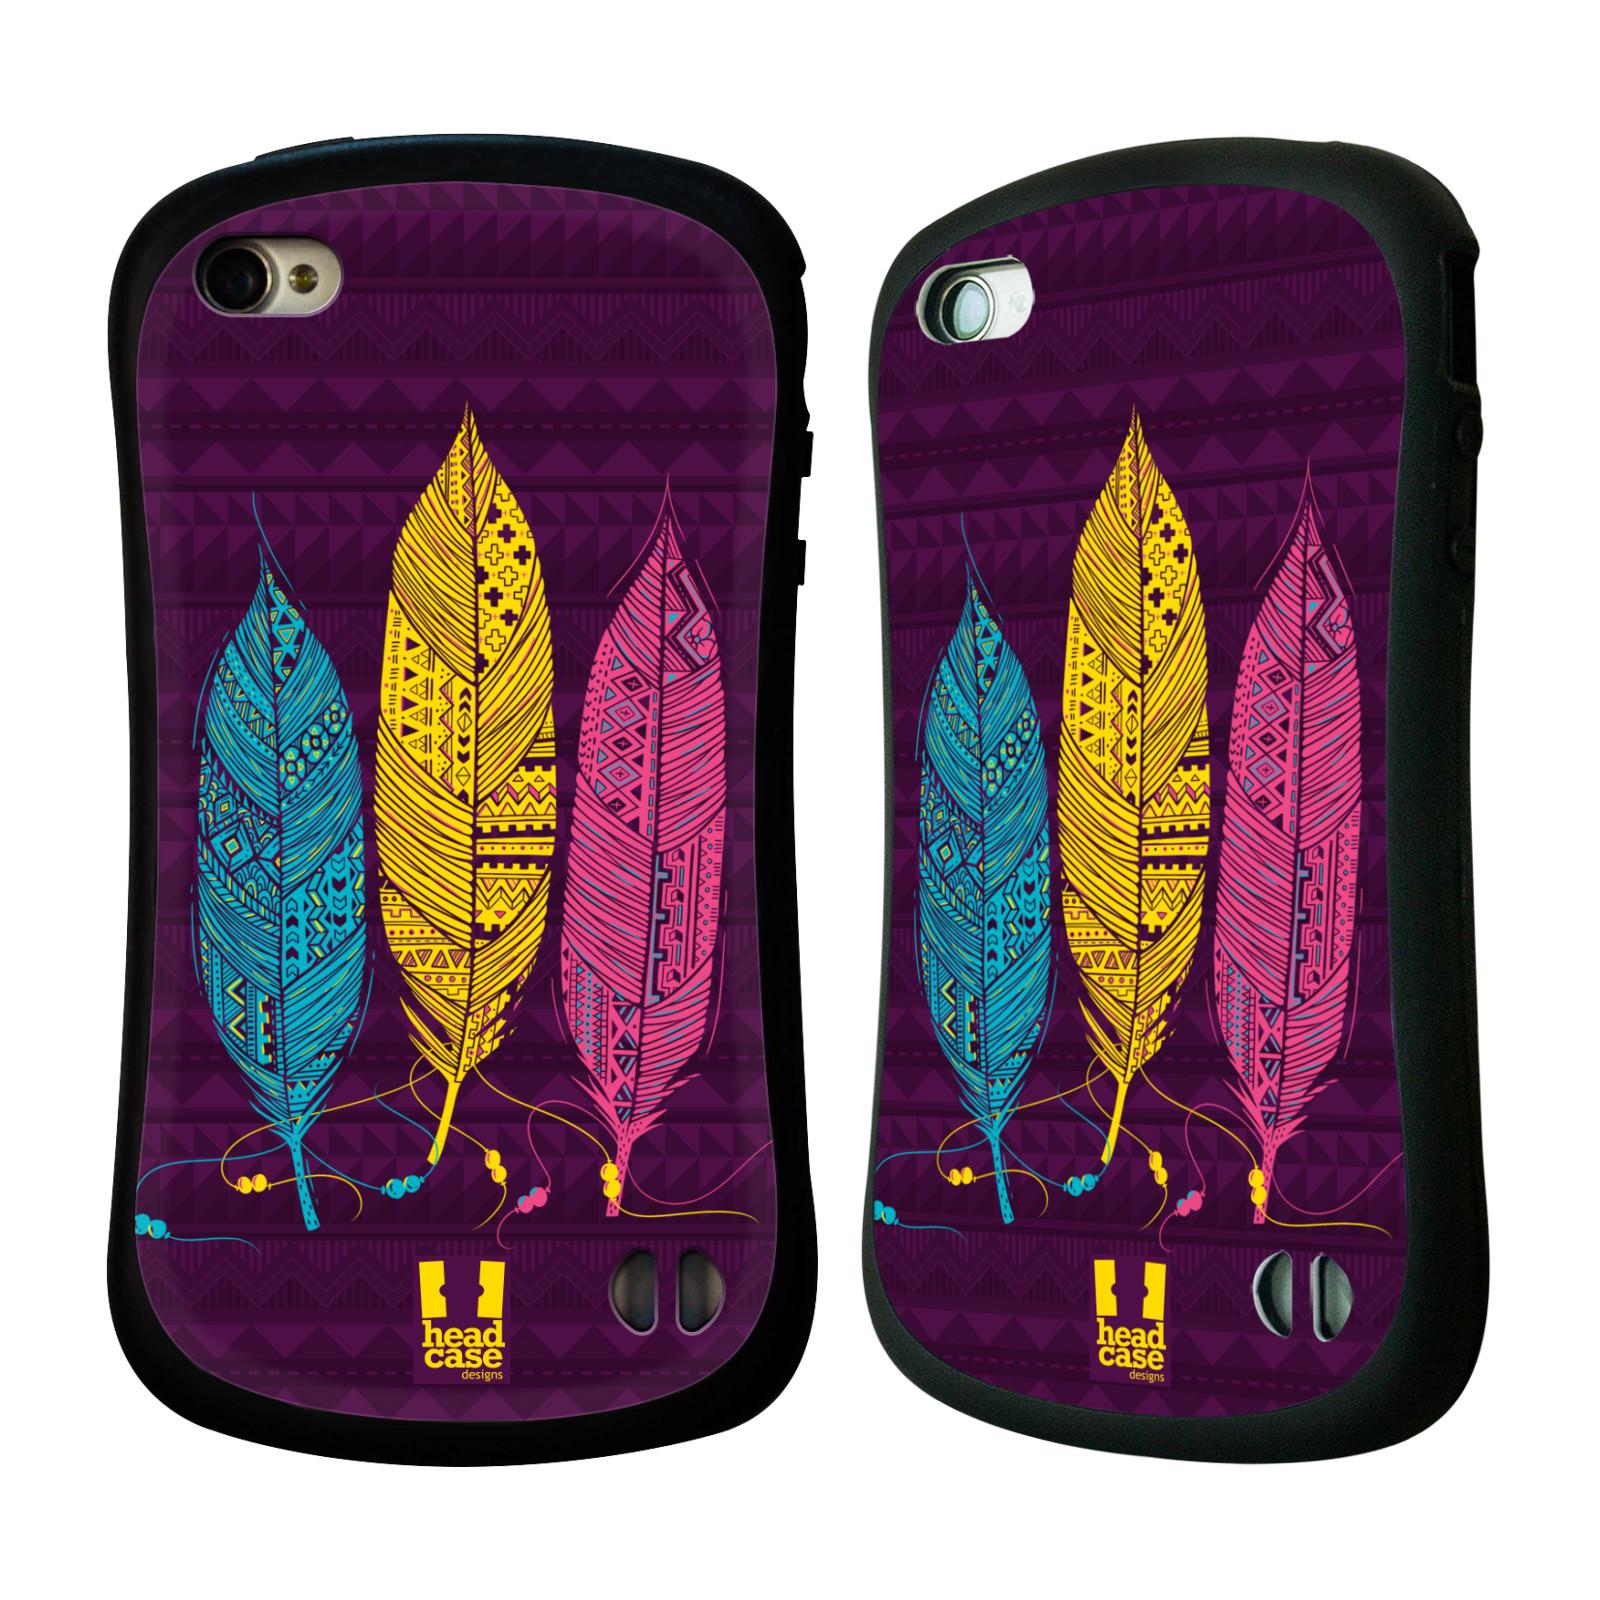 Nárazuvzdorné pouzdro na mobil Apple iPhone 4 a 4S HEAD CASE AZTEC PÍRKA 3 BAREV (Odolný nárazuvzdorný silikonový kryt či obal na mobilní telefon Apple iPhone 4 a 4S)